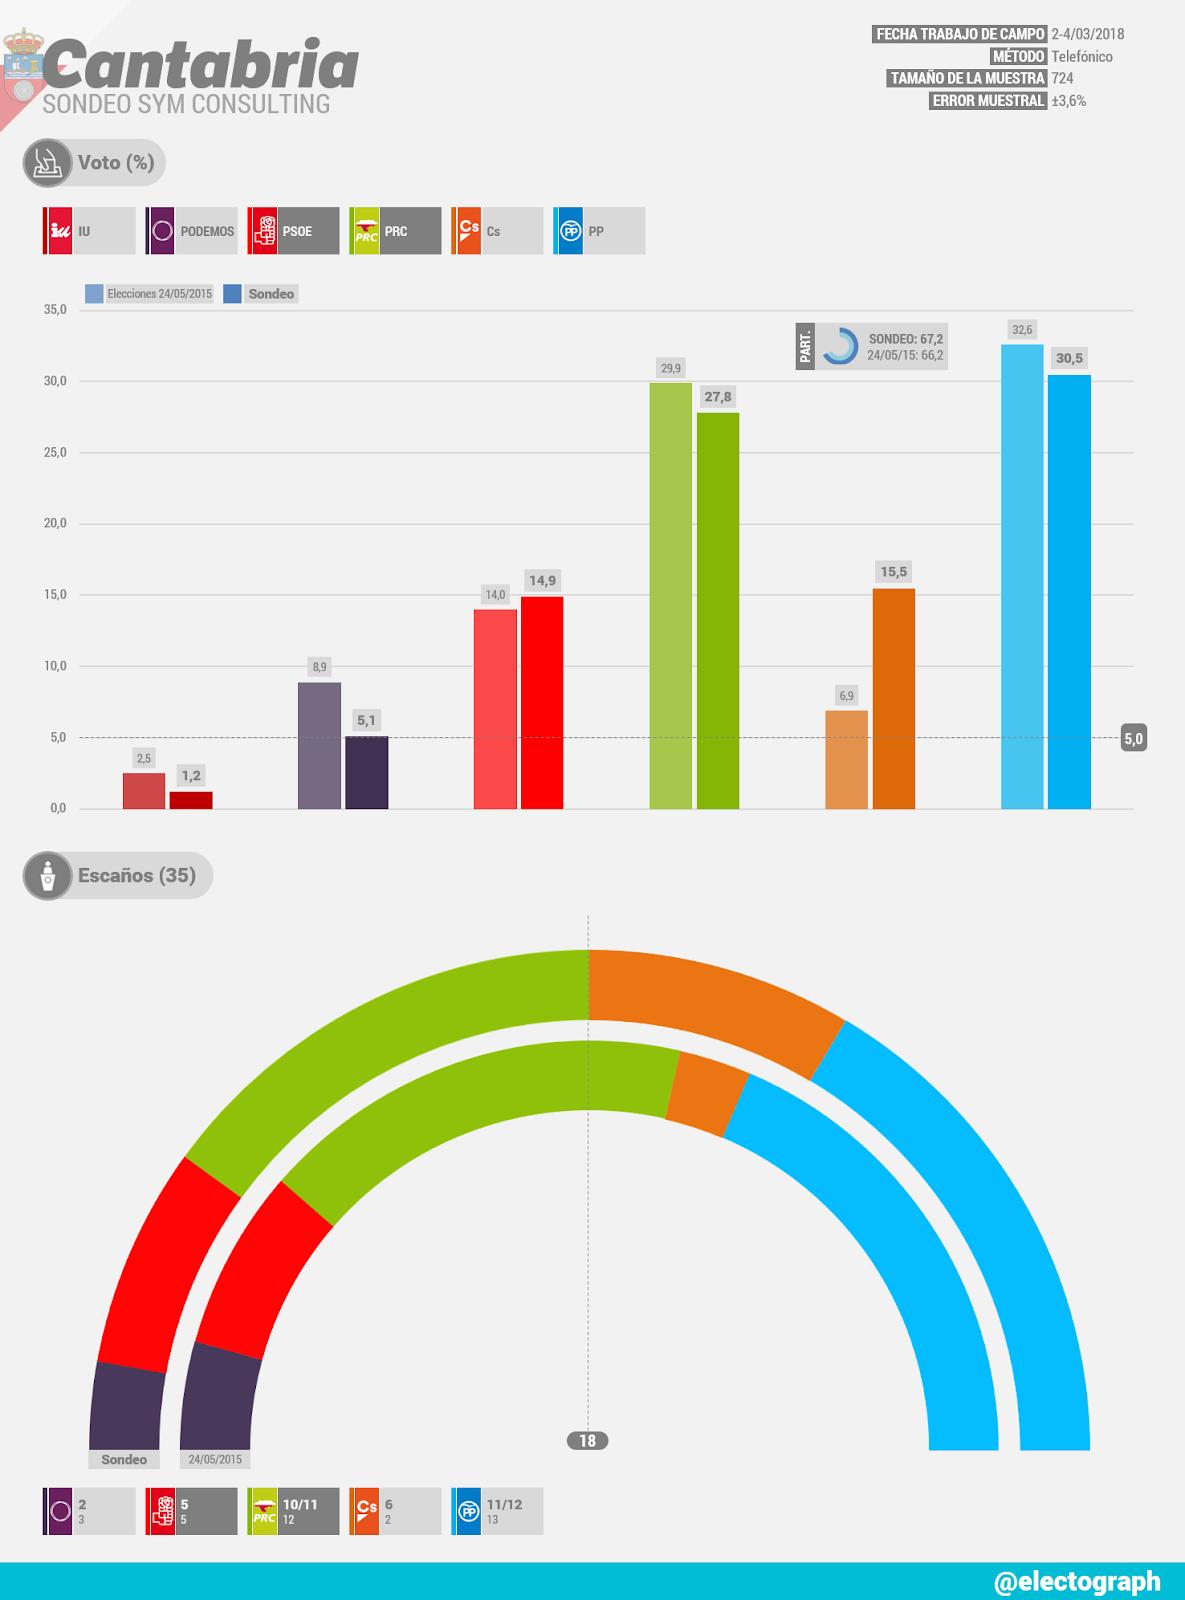 Gráfico de la encuesta para elecciones autonómicas en Cantabria realizada por SyM Consulting en marzo de 2018